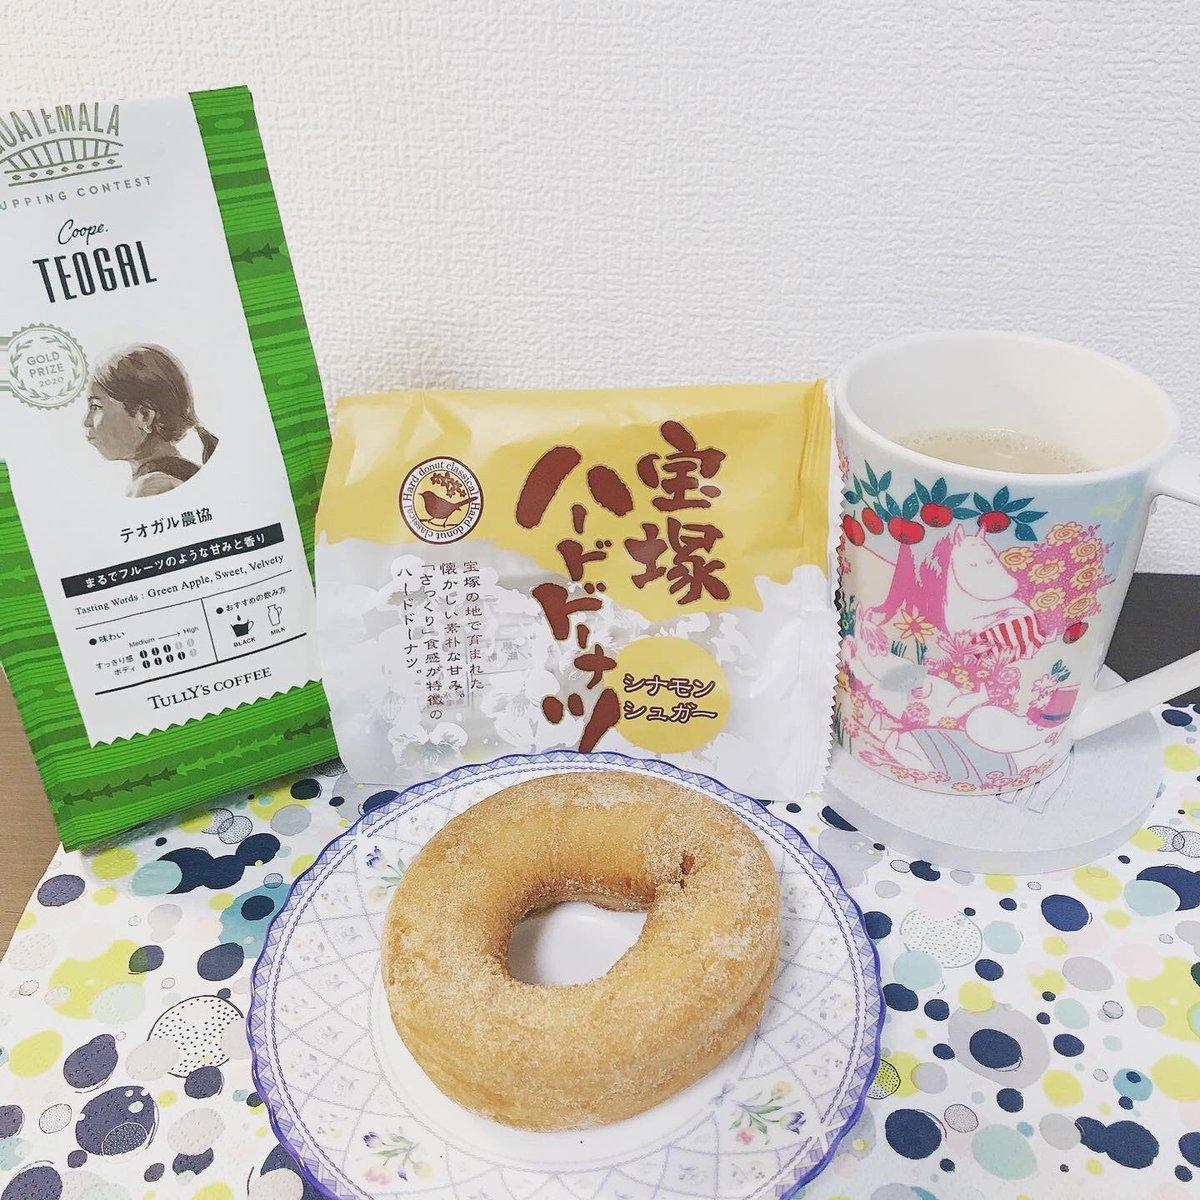 おはようございます また一週間、楽しもう #タリーズ #タリーズコーヒー #tullycoffee #宝塚 #朝活 #コーヒー #朝ごはん #コーヒーのある暮らし  #coffee #coffeetime #coffeelife  #朝活 #まったり #スイーツ